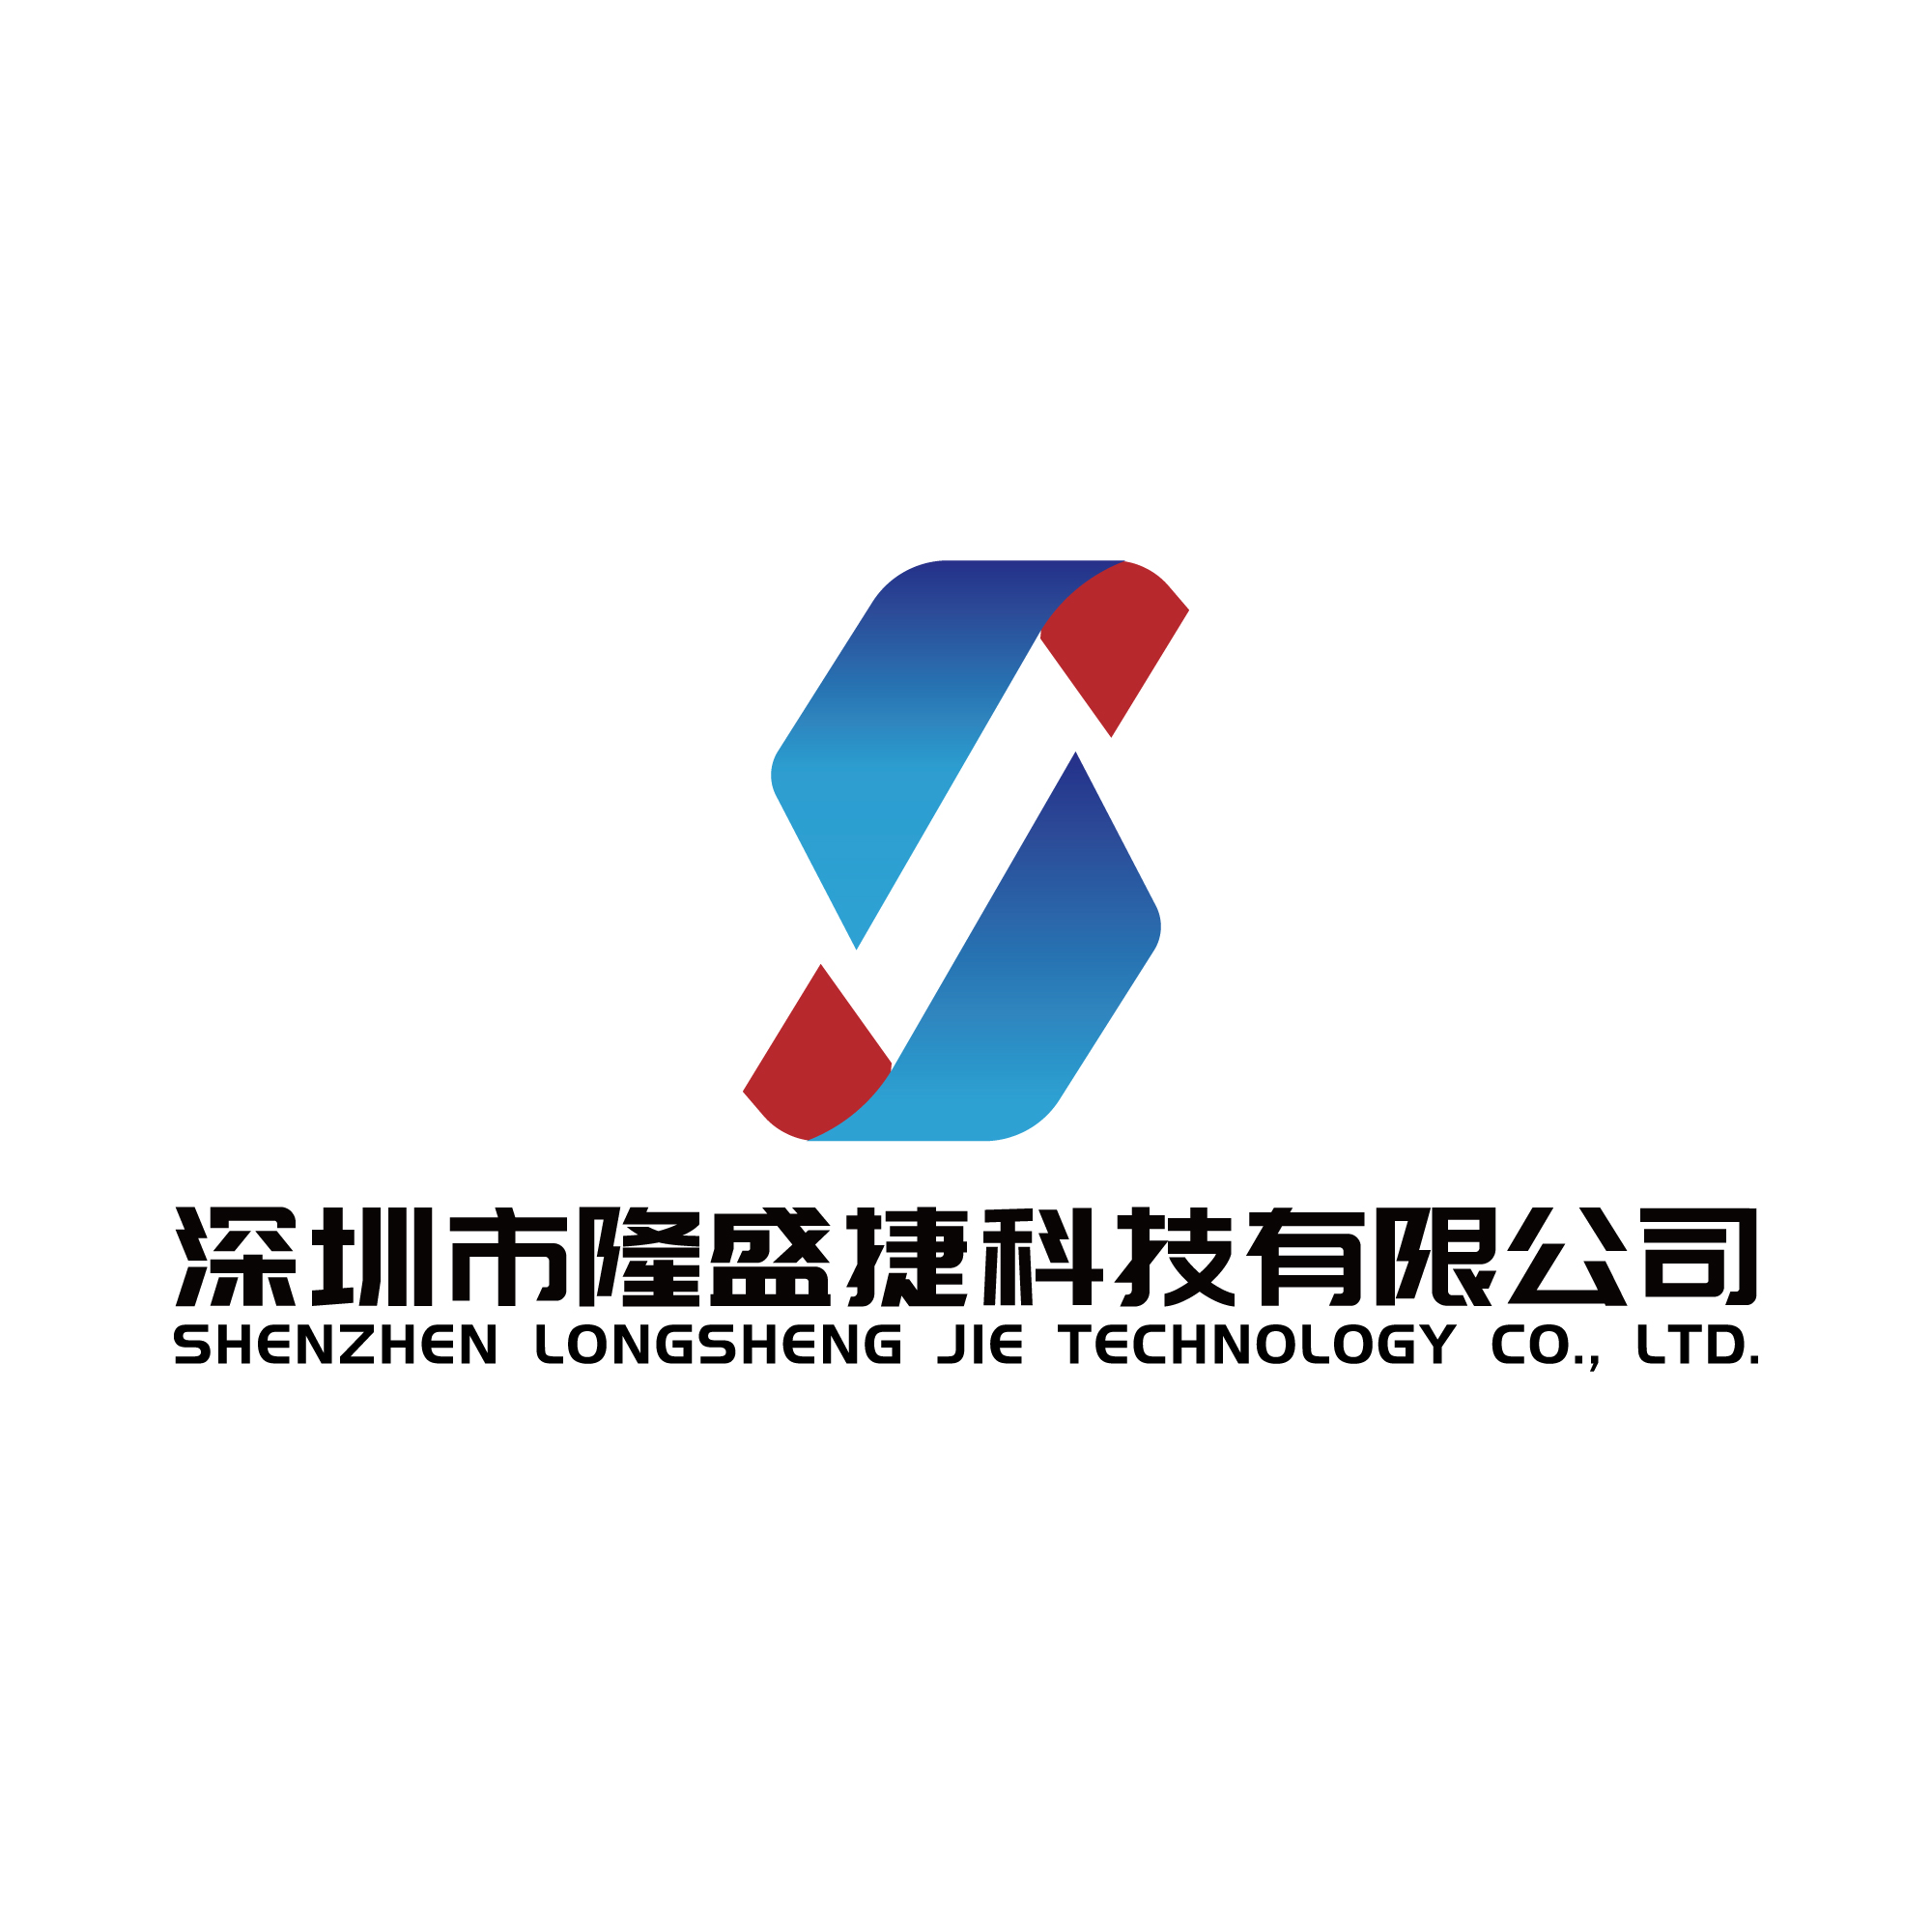 深圳市隆盛捷科技有限公司